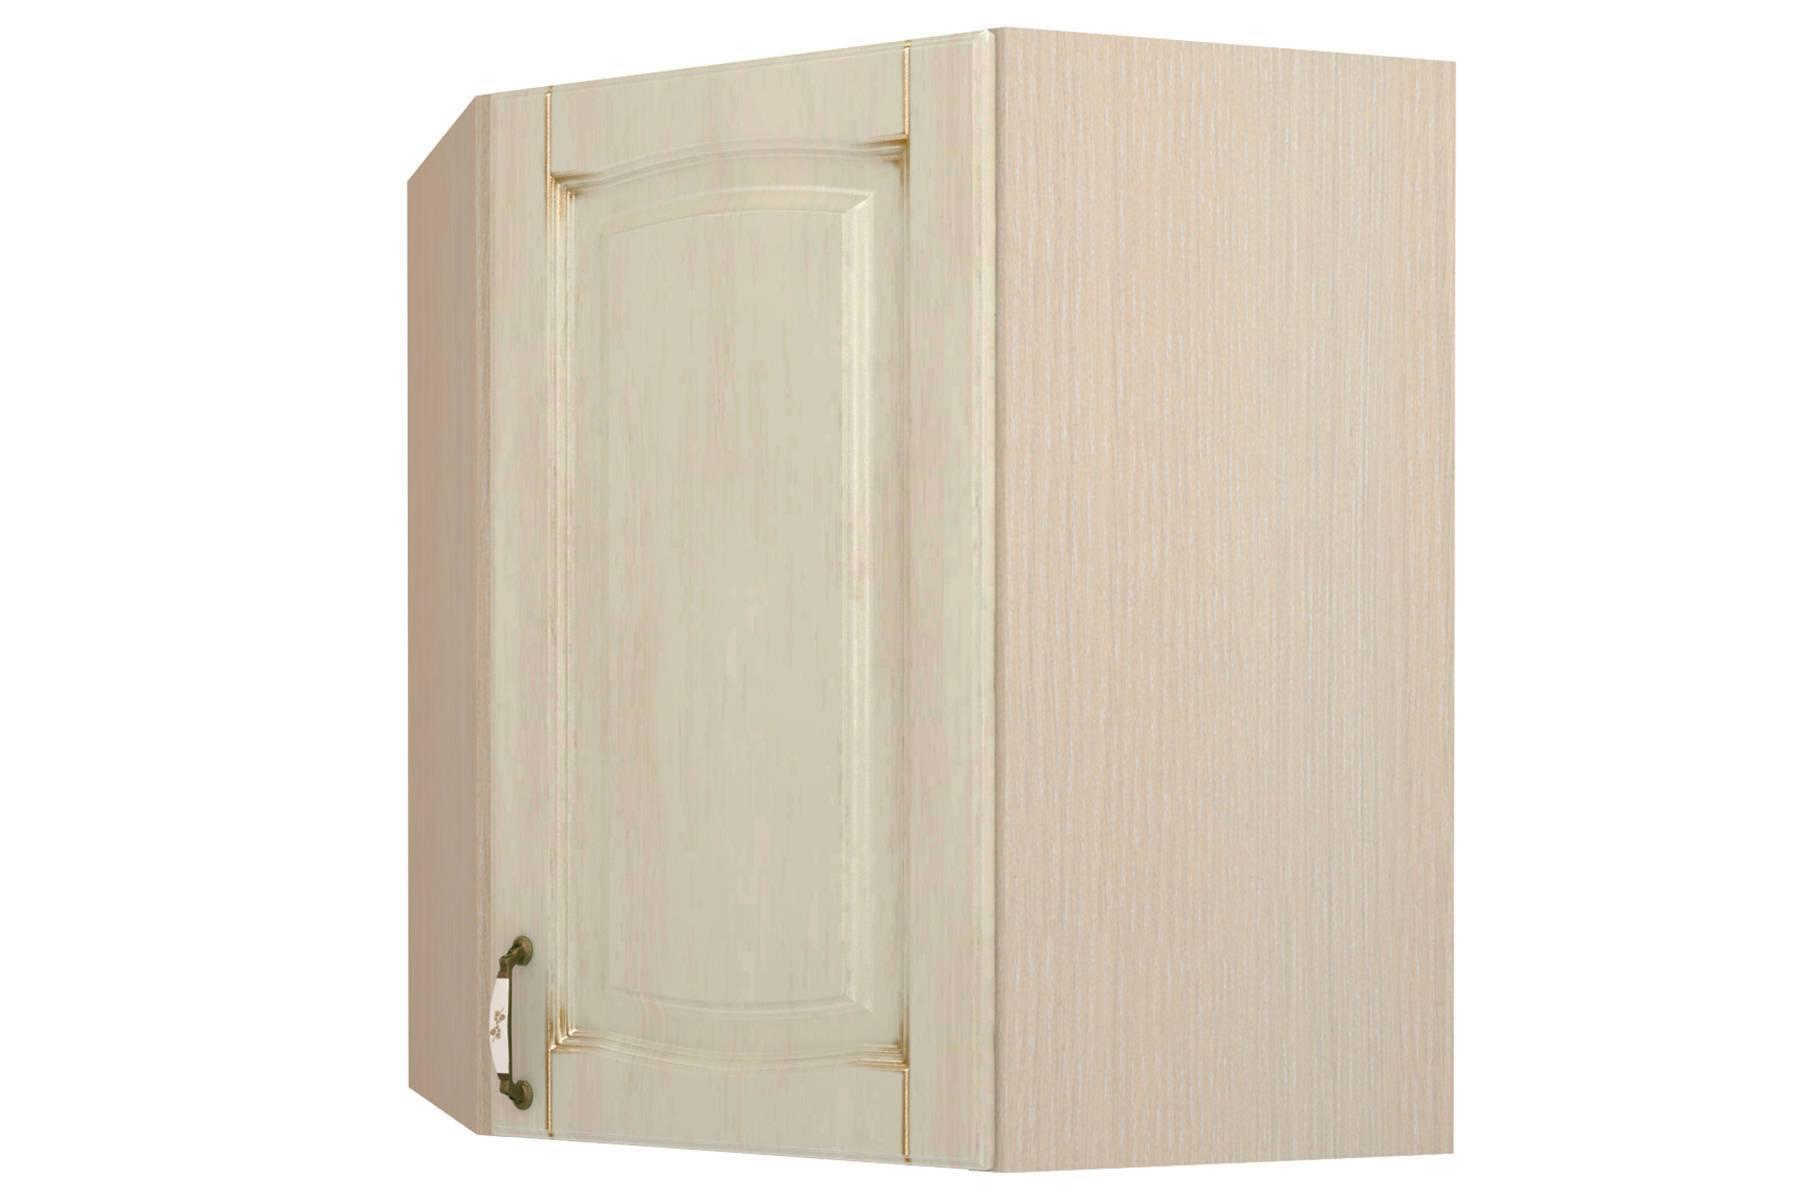 Равенна шкаф угловой allrun 613 18 inches